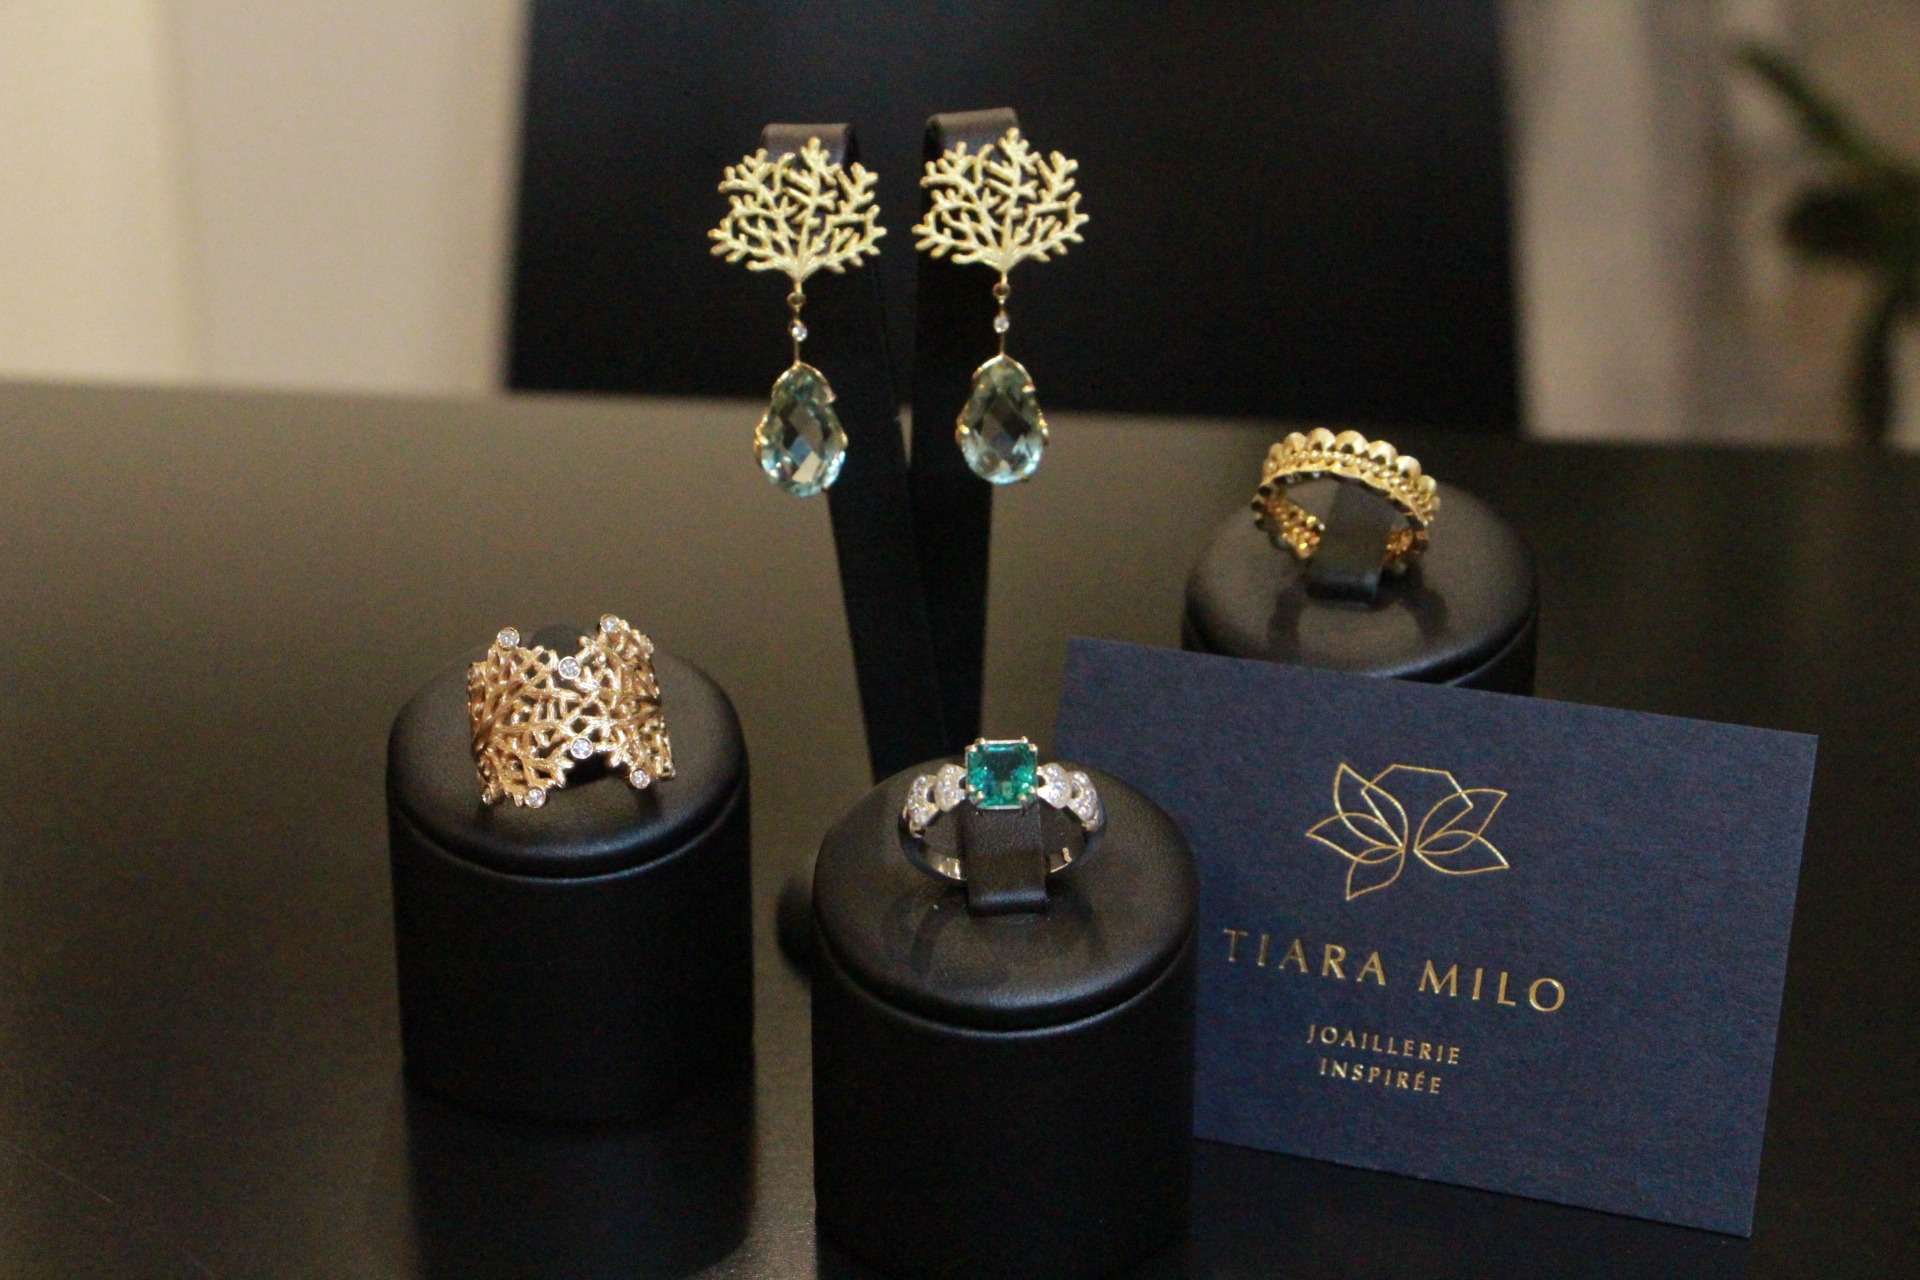 bijoux créés par les créatrices Tiara Milo Lyon 2